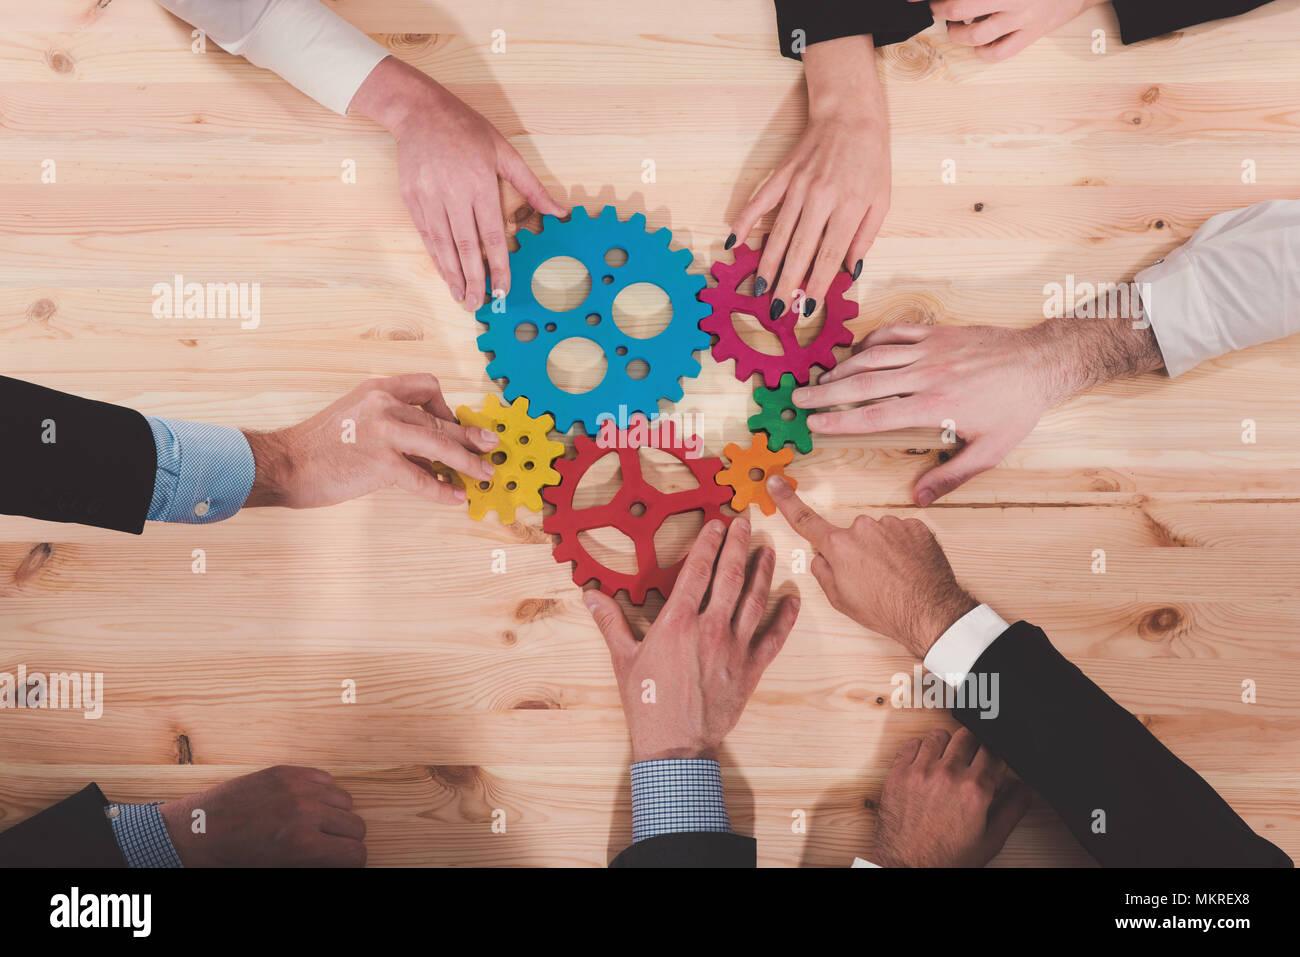 Equipo empresarial conectar piezas de engranajes. El trabajo en equipo, la colaboración y el concepto de integración Imagen De Stock